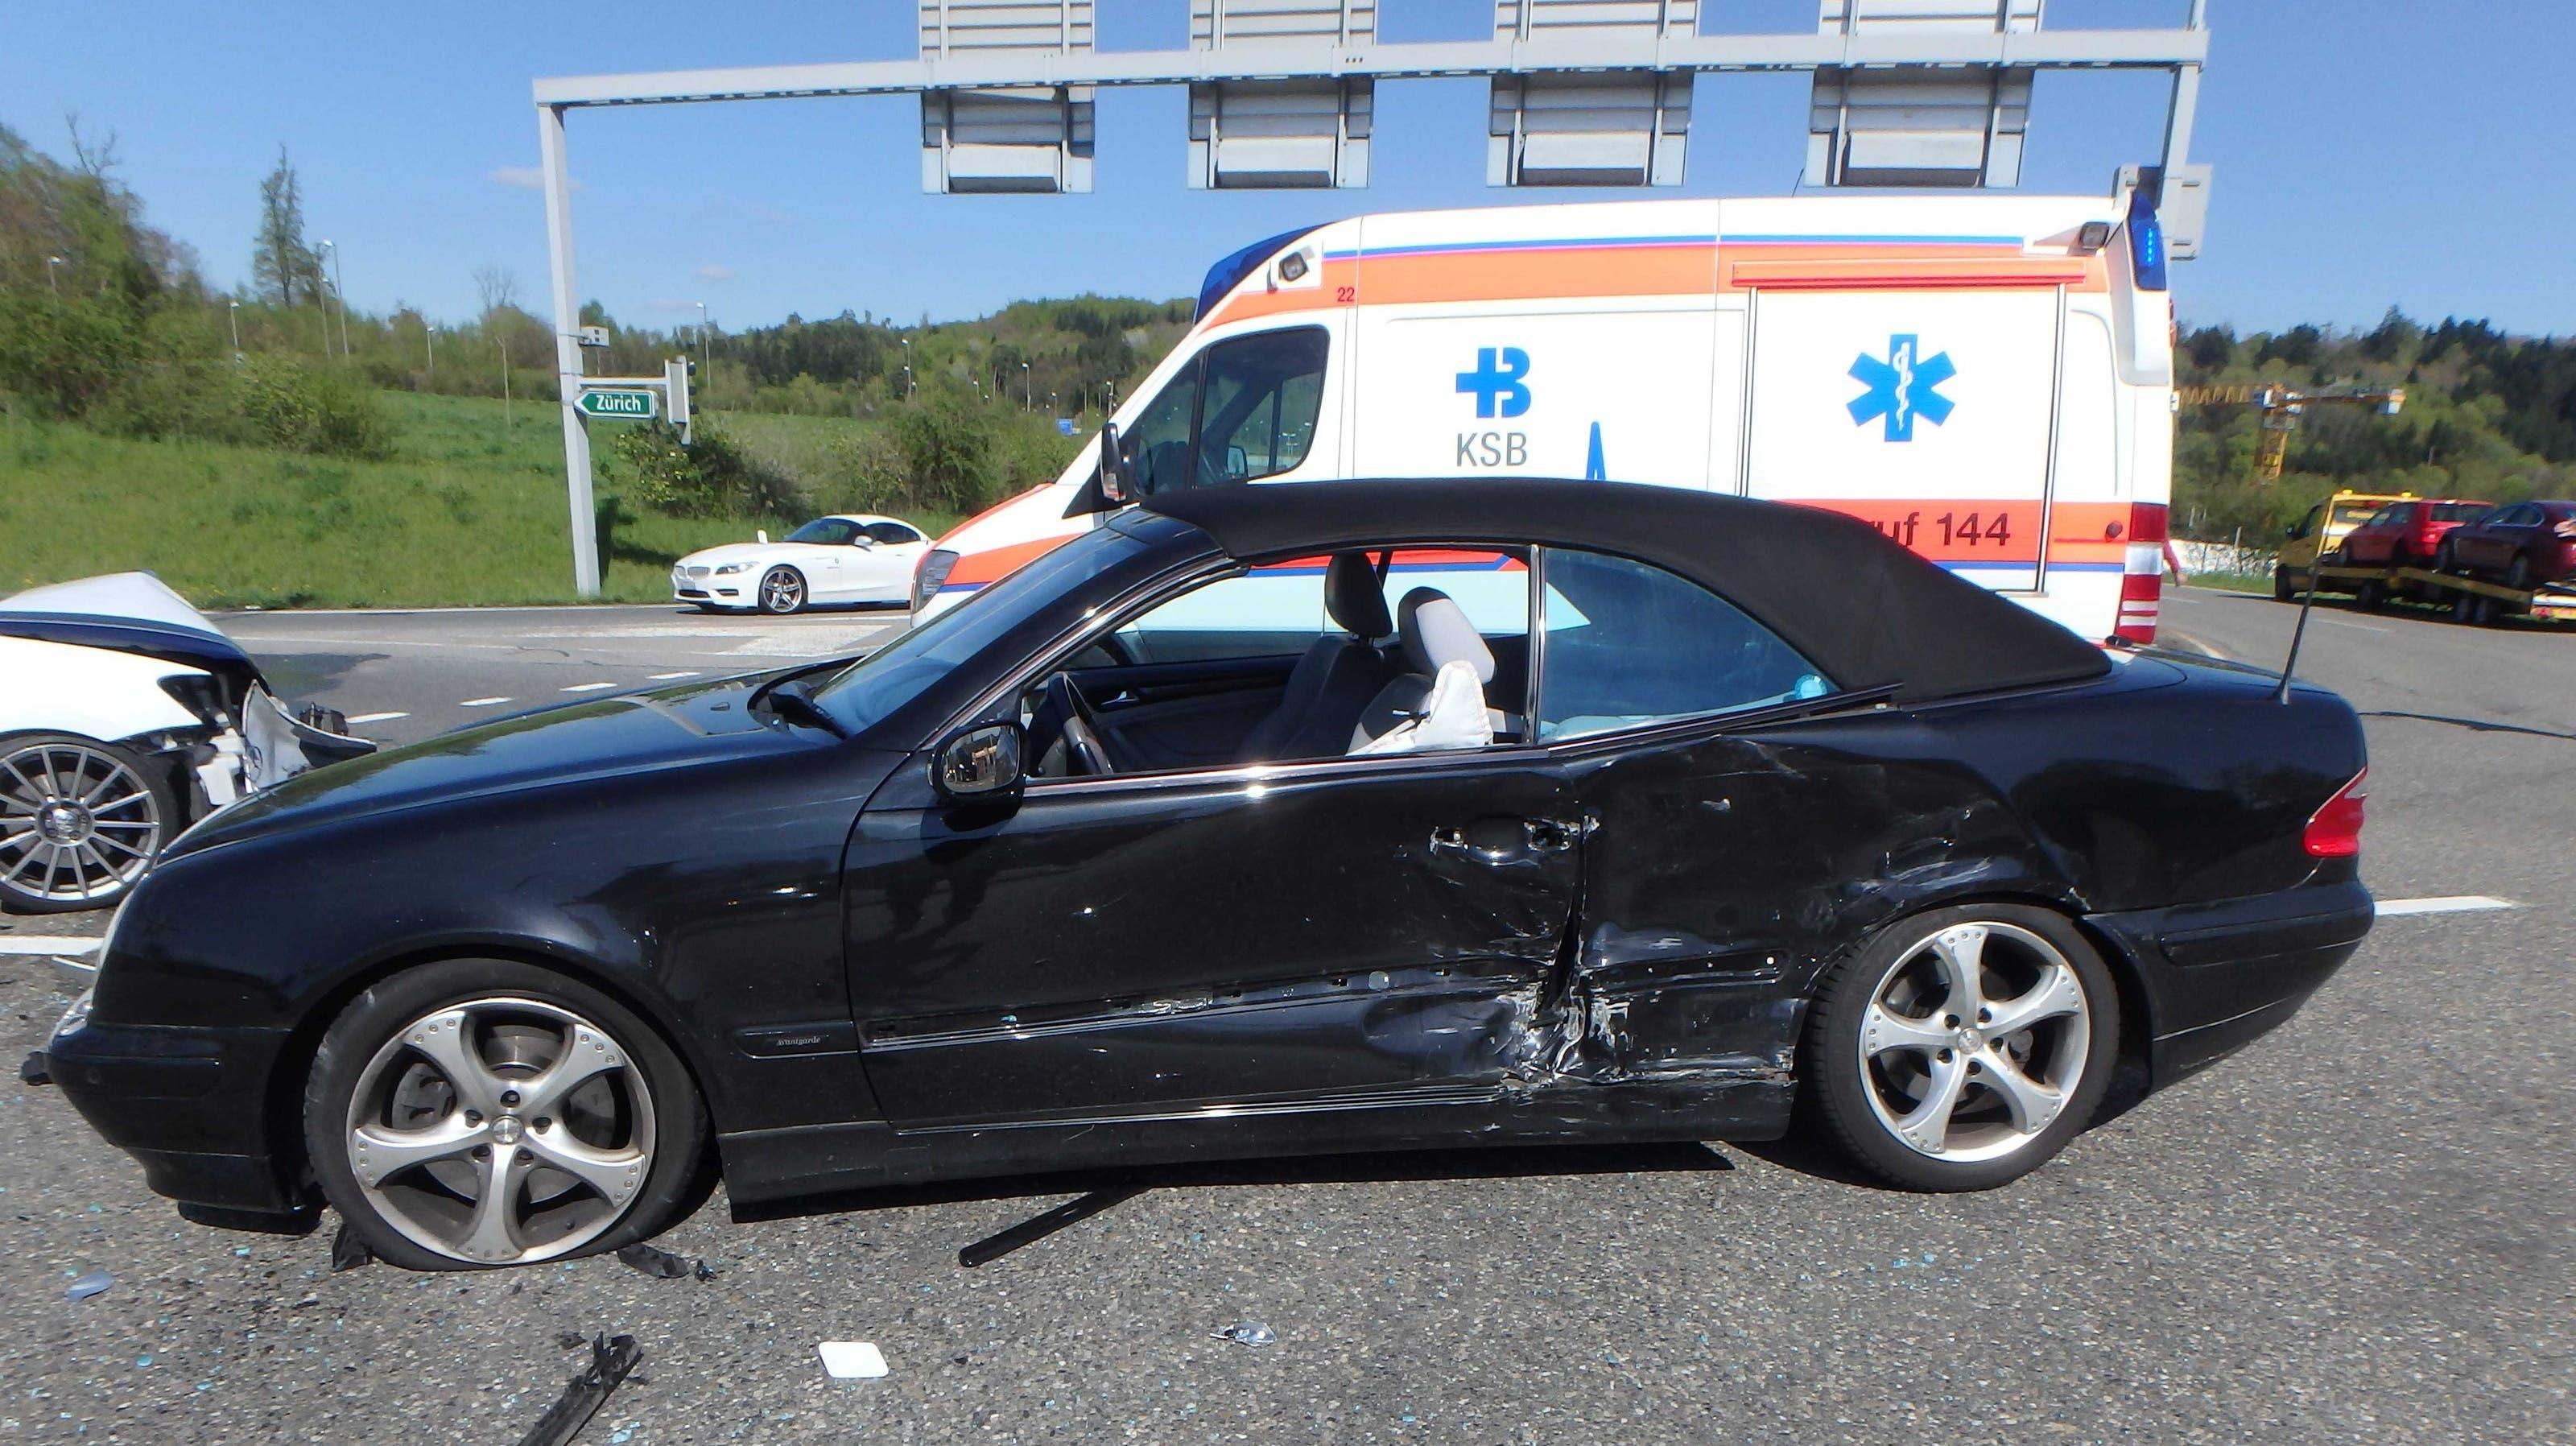 Die Fahrerin des schwarzen Wagens wurde leicht verletzt.